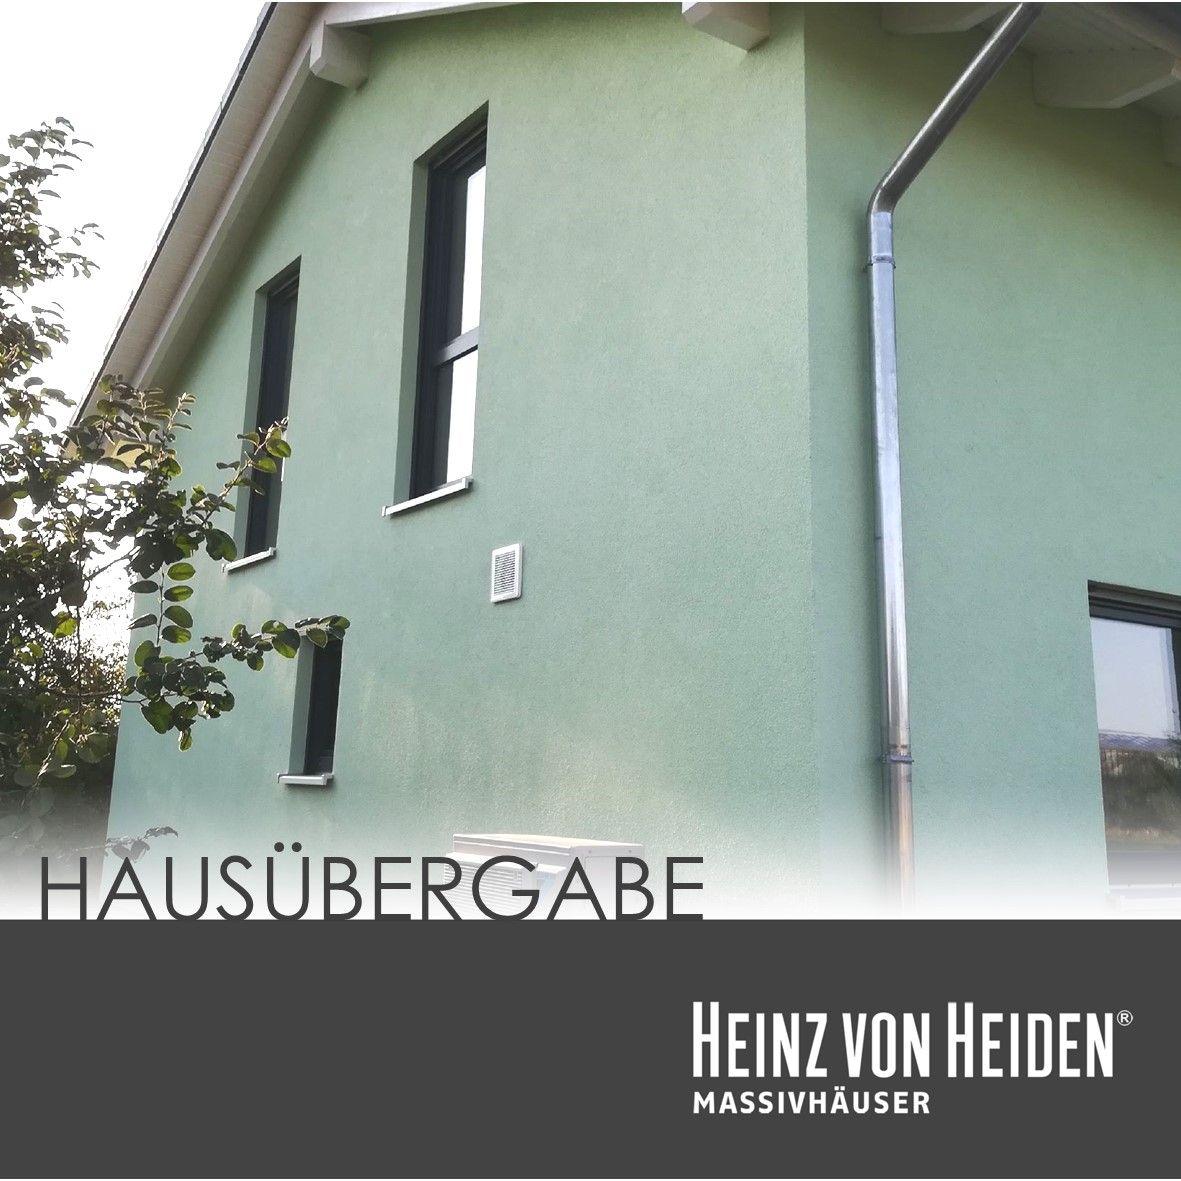 Hausubergabe Im Landkreis Leipzig Haus Und Garten Haus Haus Bauen